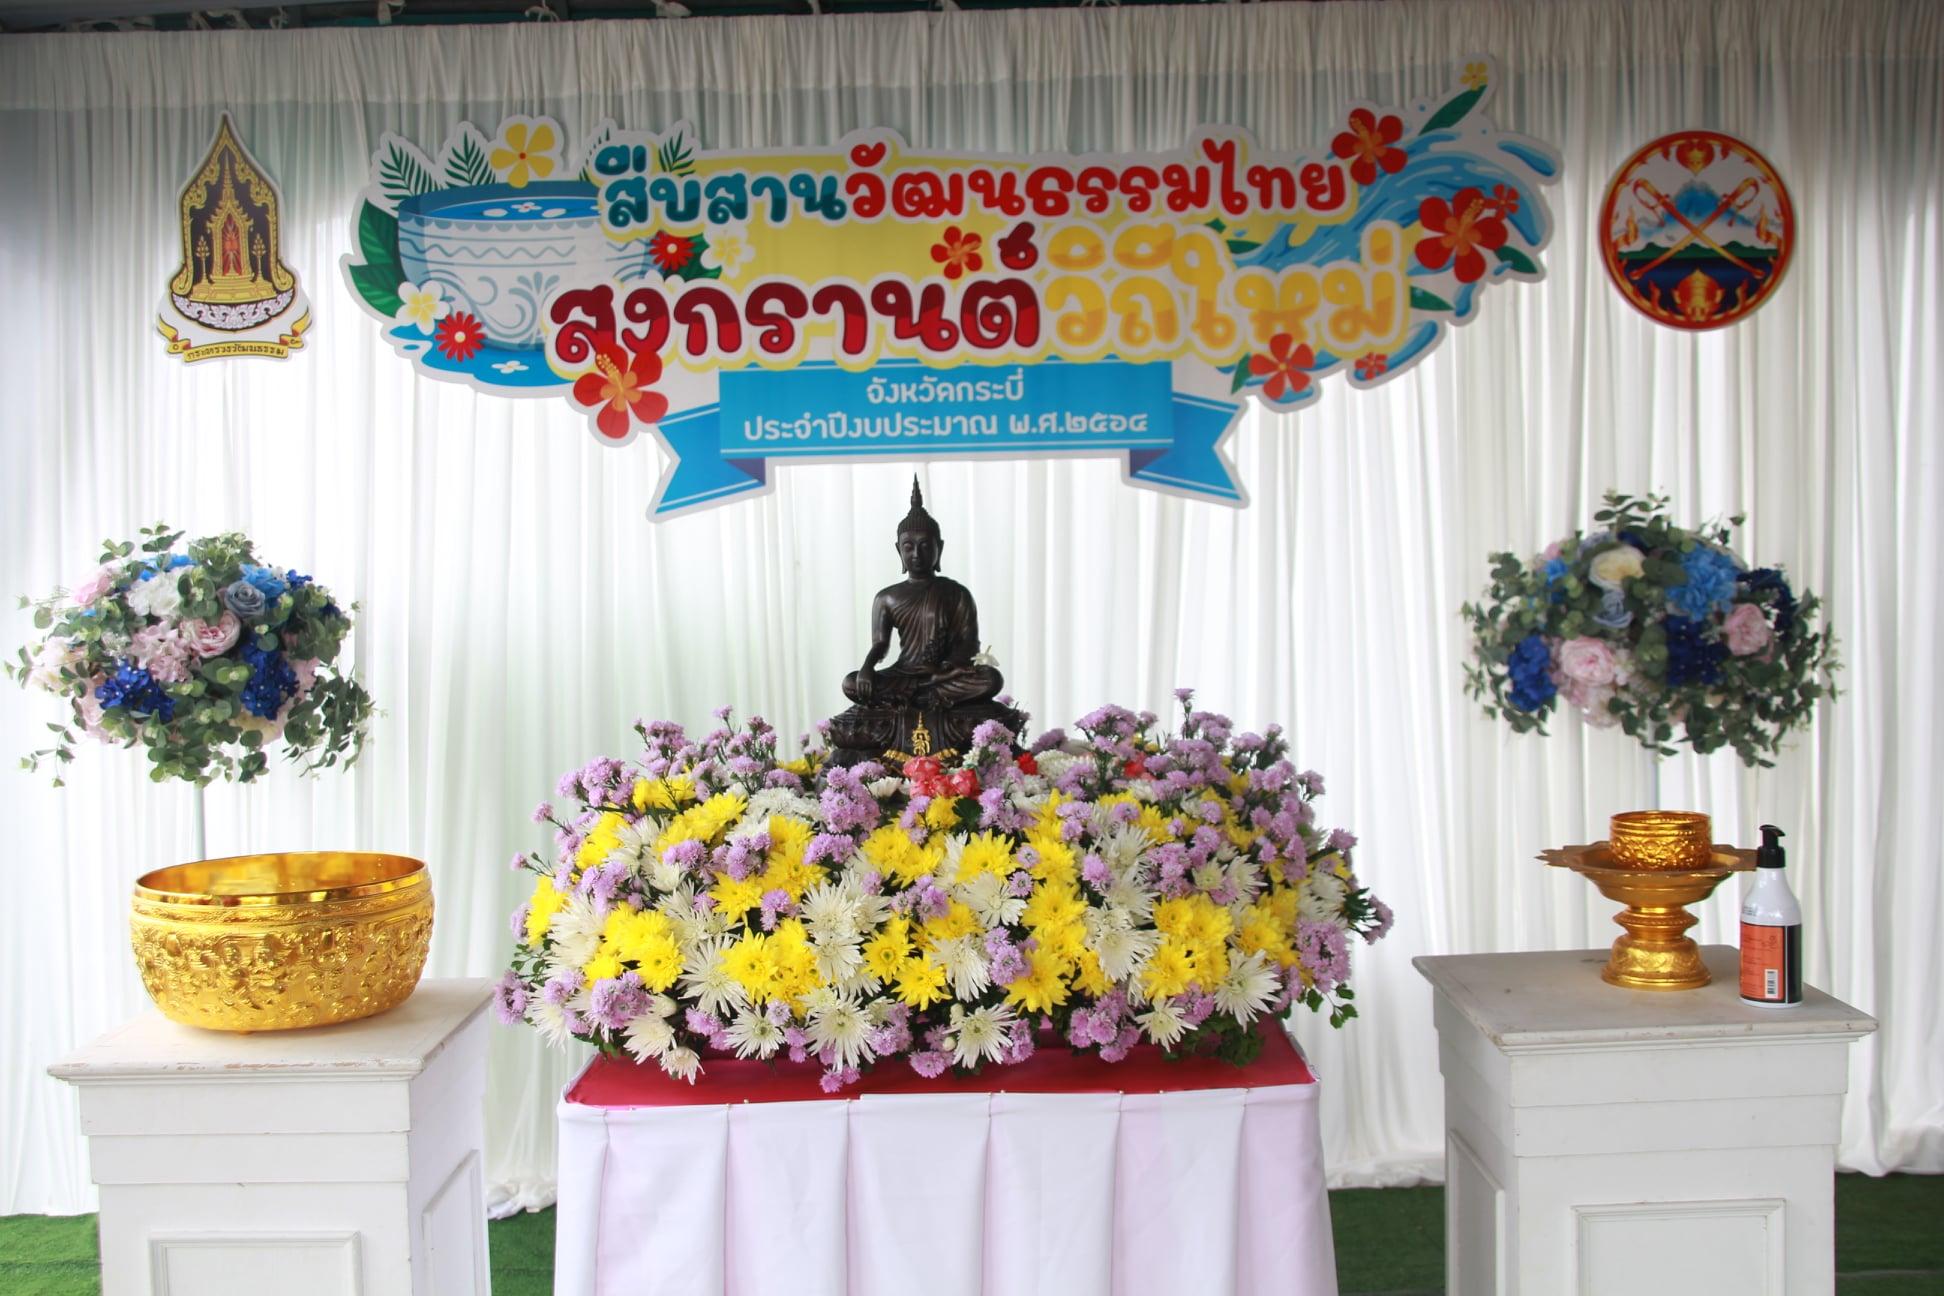 ร่วมงานสืบสานวัฒนธรรมไทย สงกรานต์วิถีใหม่ จังหวัดกระบี่ ประจำปีงบประมาณ 2564